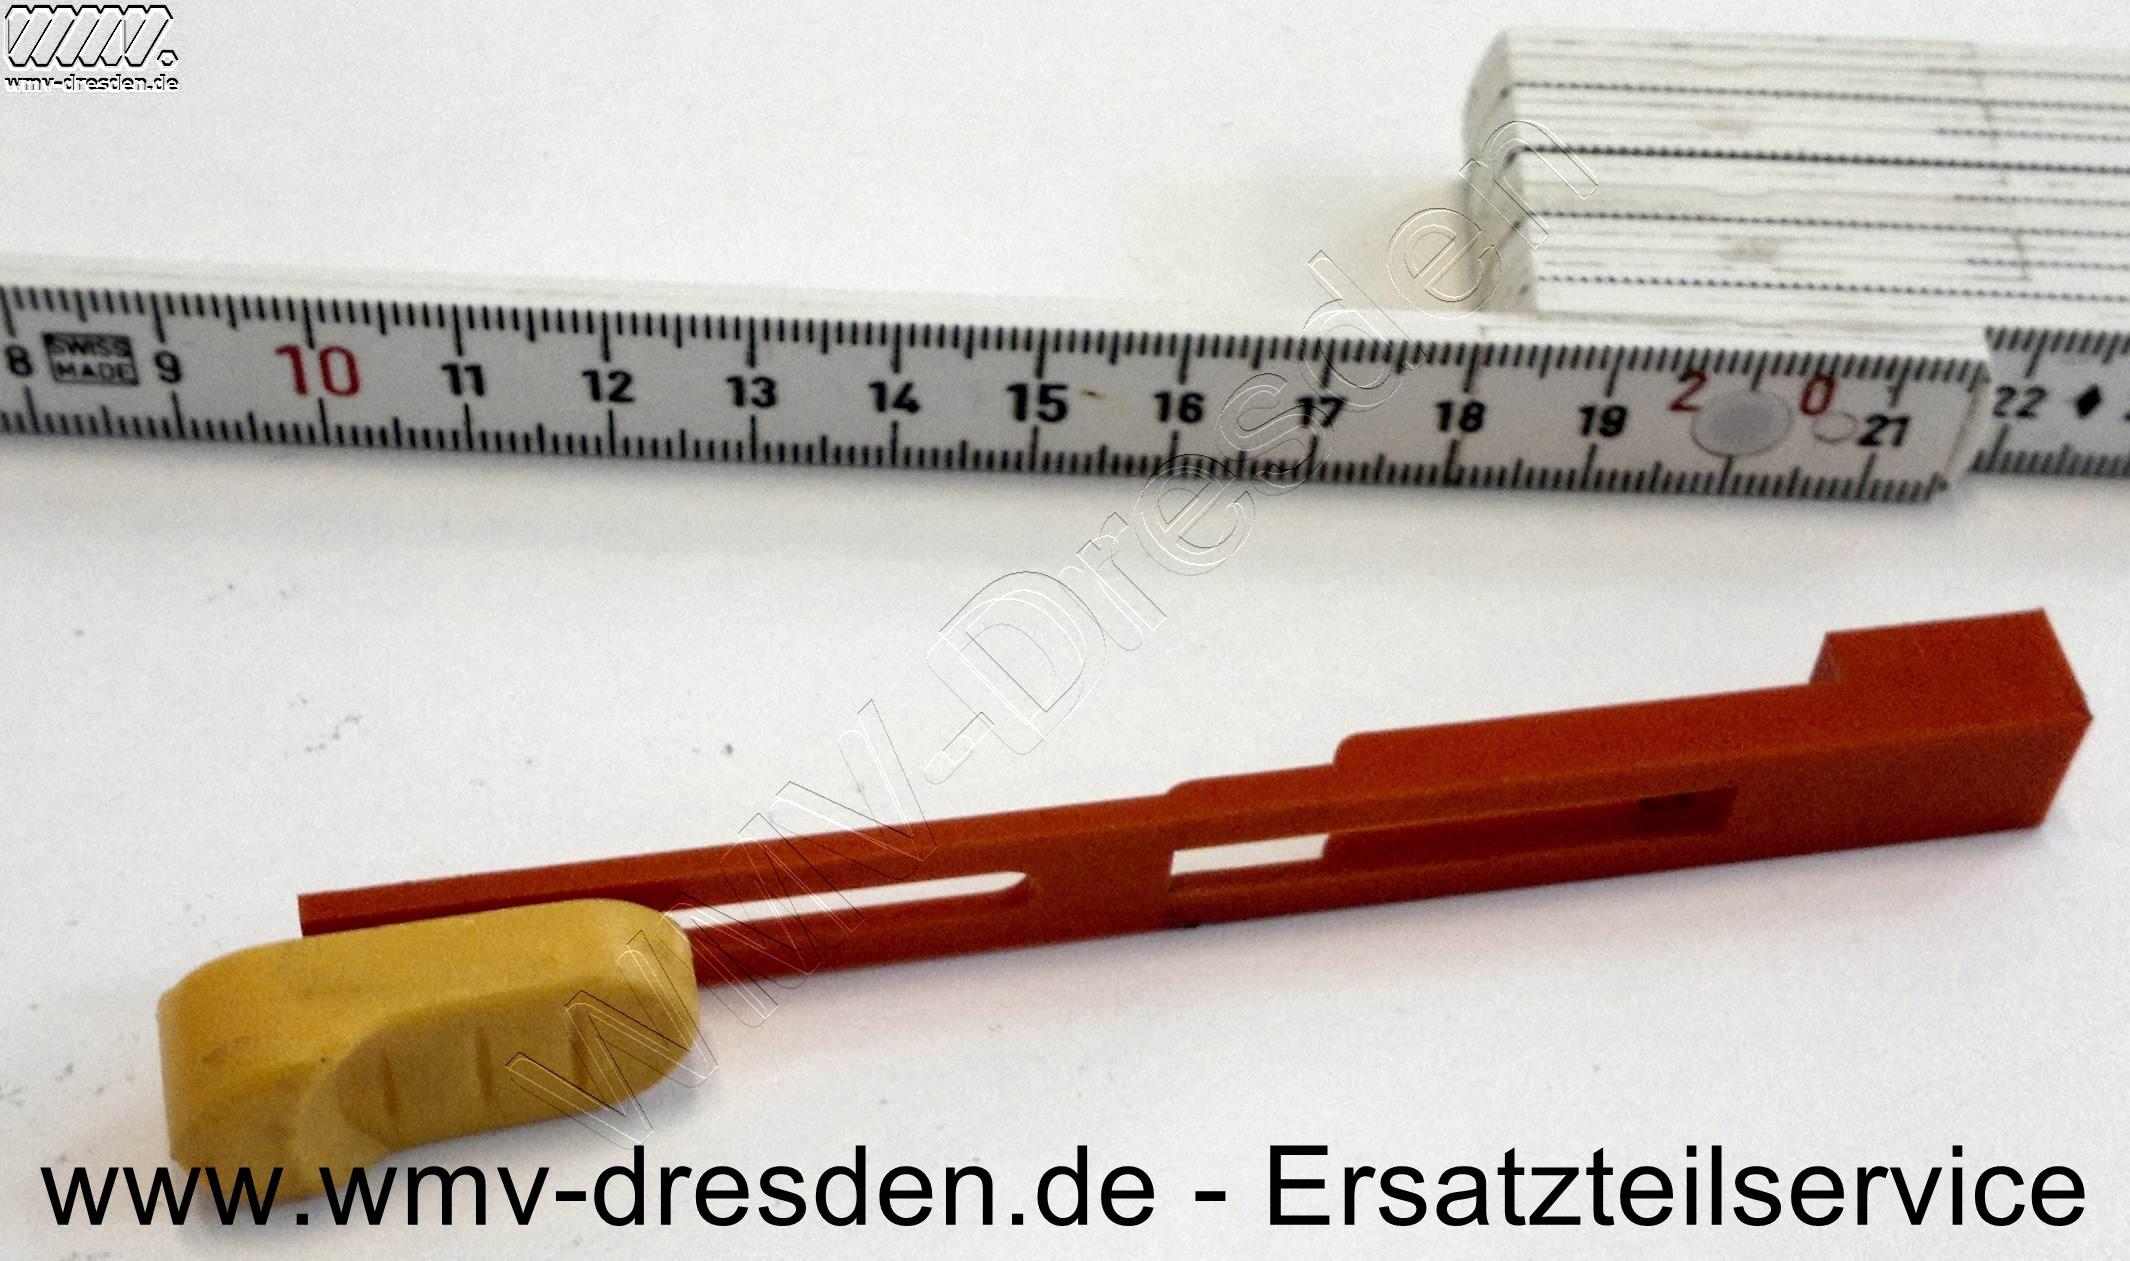 Schiebeknopf mit Zugstange für KWS und MWS 860